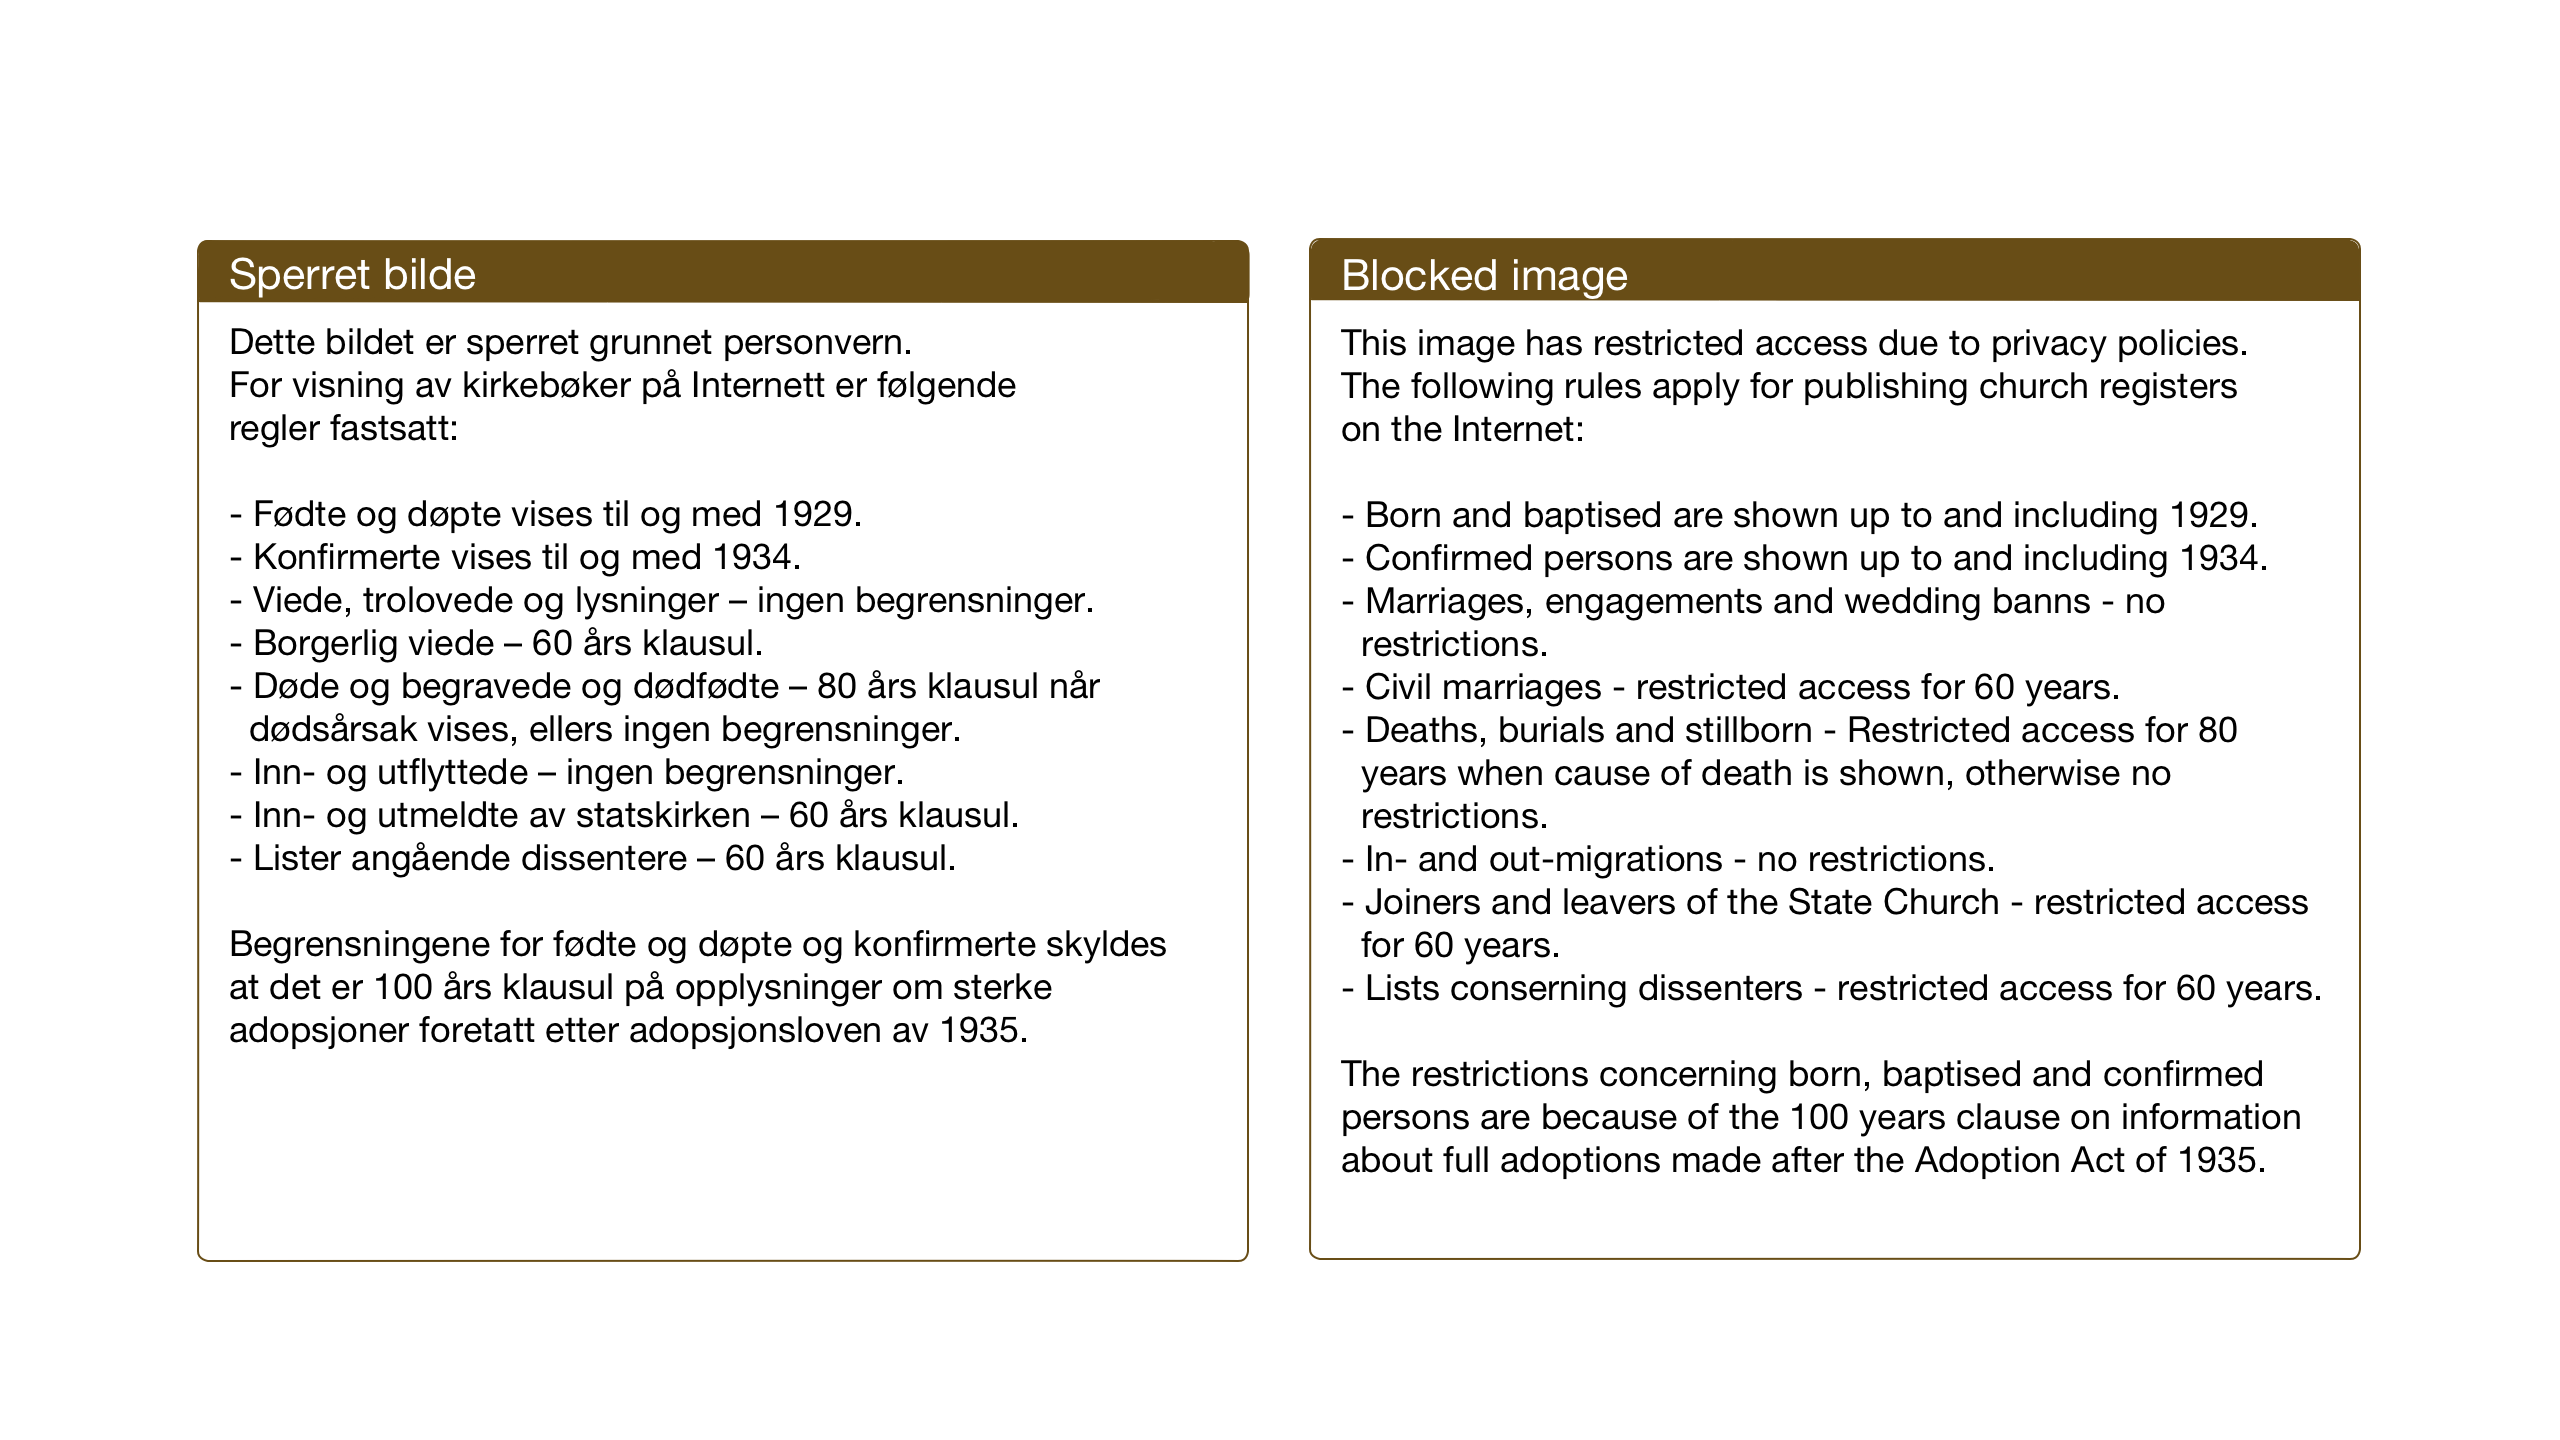 SAT, Ministerialprotokoller, klokkerbøker og fødselsregistre - Sør-Trøndelag, 621/L0462: Klokkerbok nr. 621C05, 1915-1945, s. 39